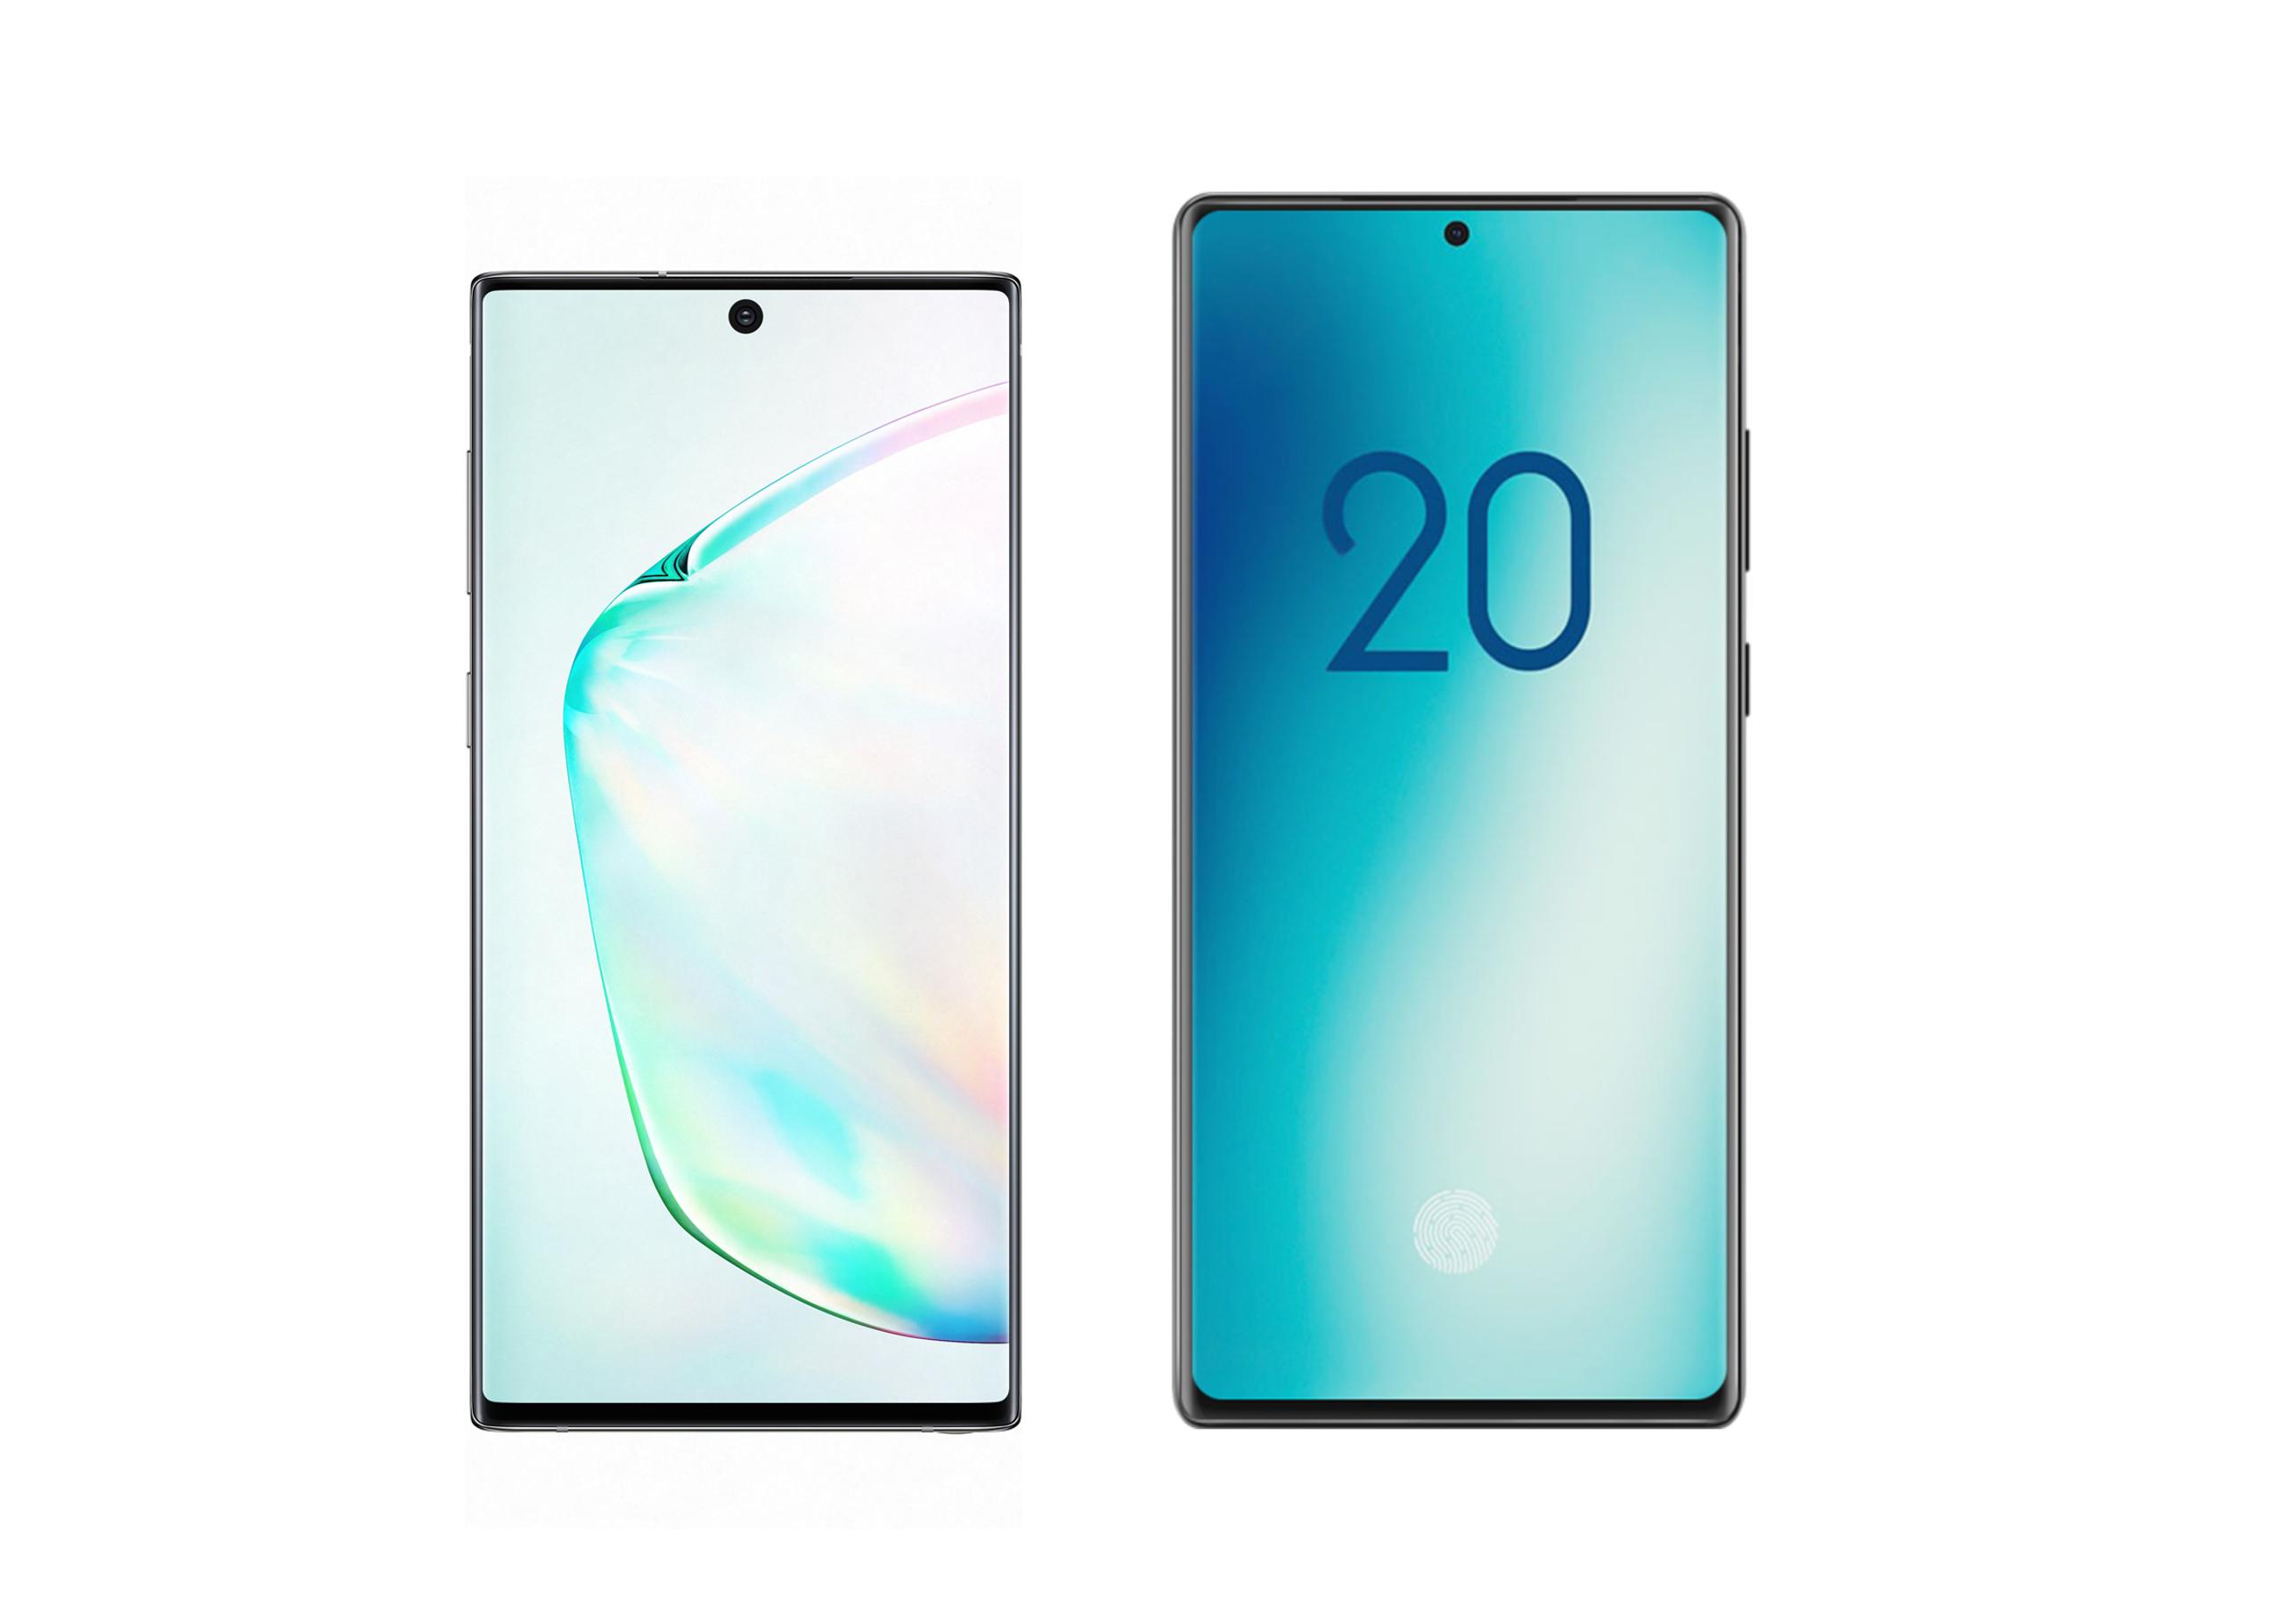 Samsung Galaxy Note 20 design render